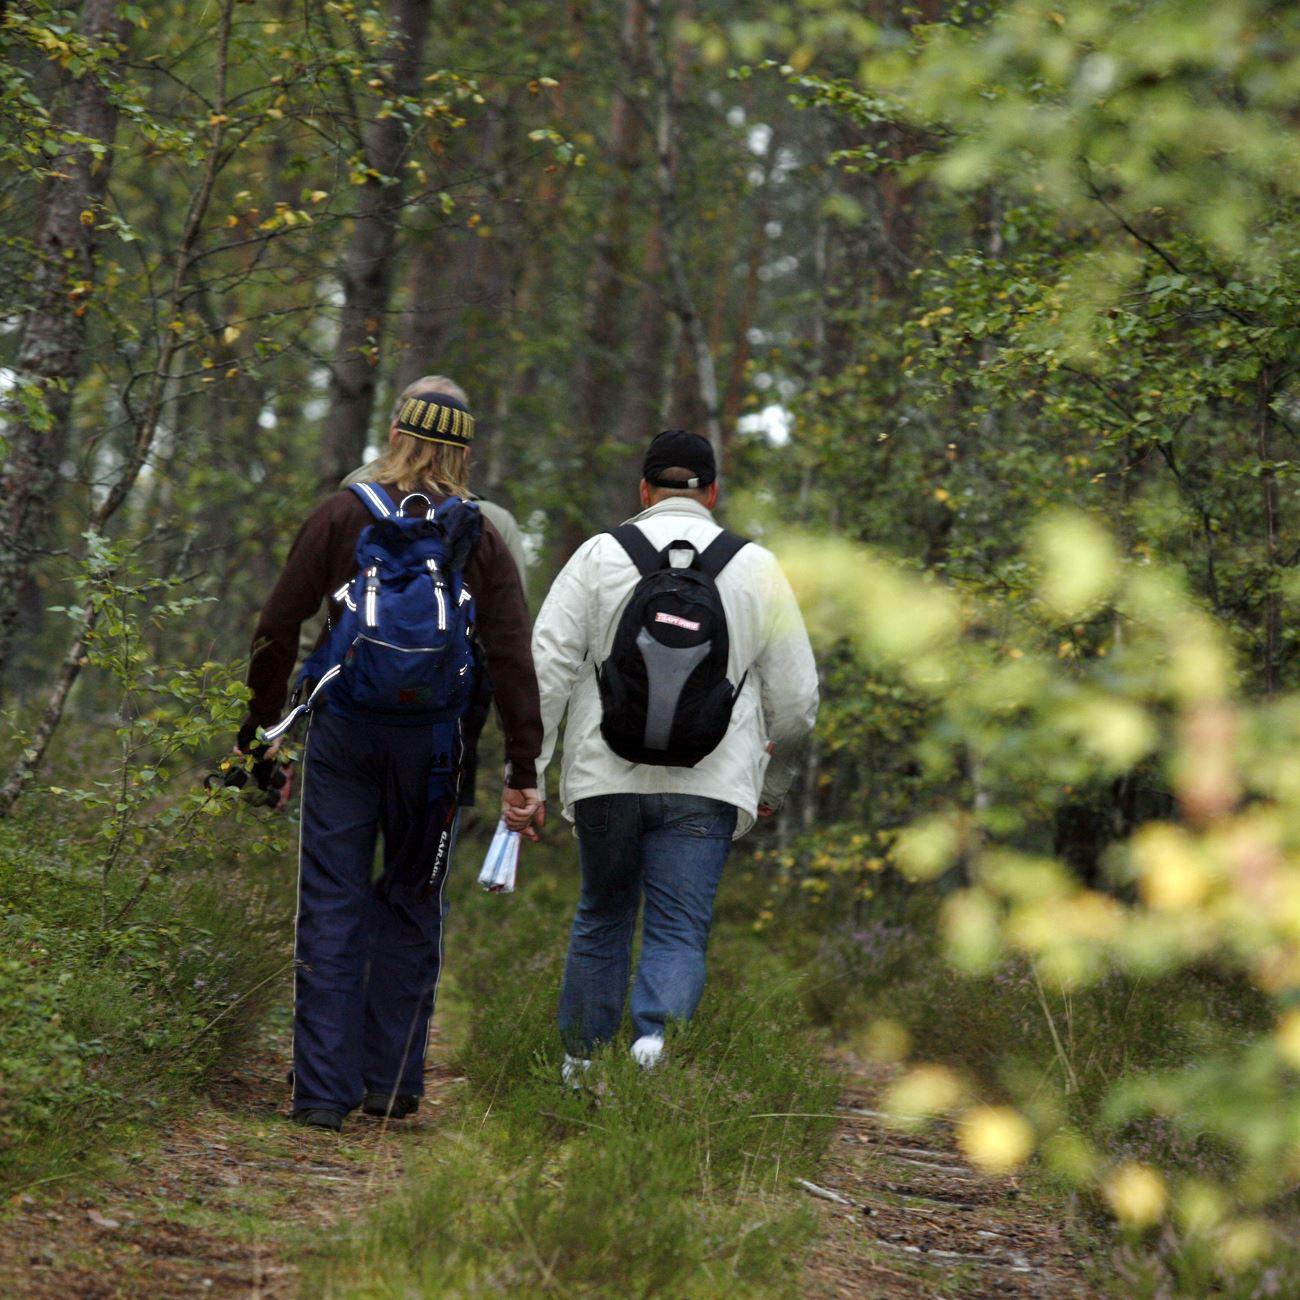 Smålandsbilder.se,  © Värnamo Näringsliv AB , Vandring längs de gamla Pilgrimslederna